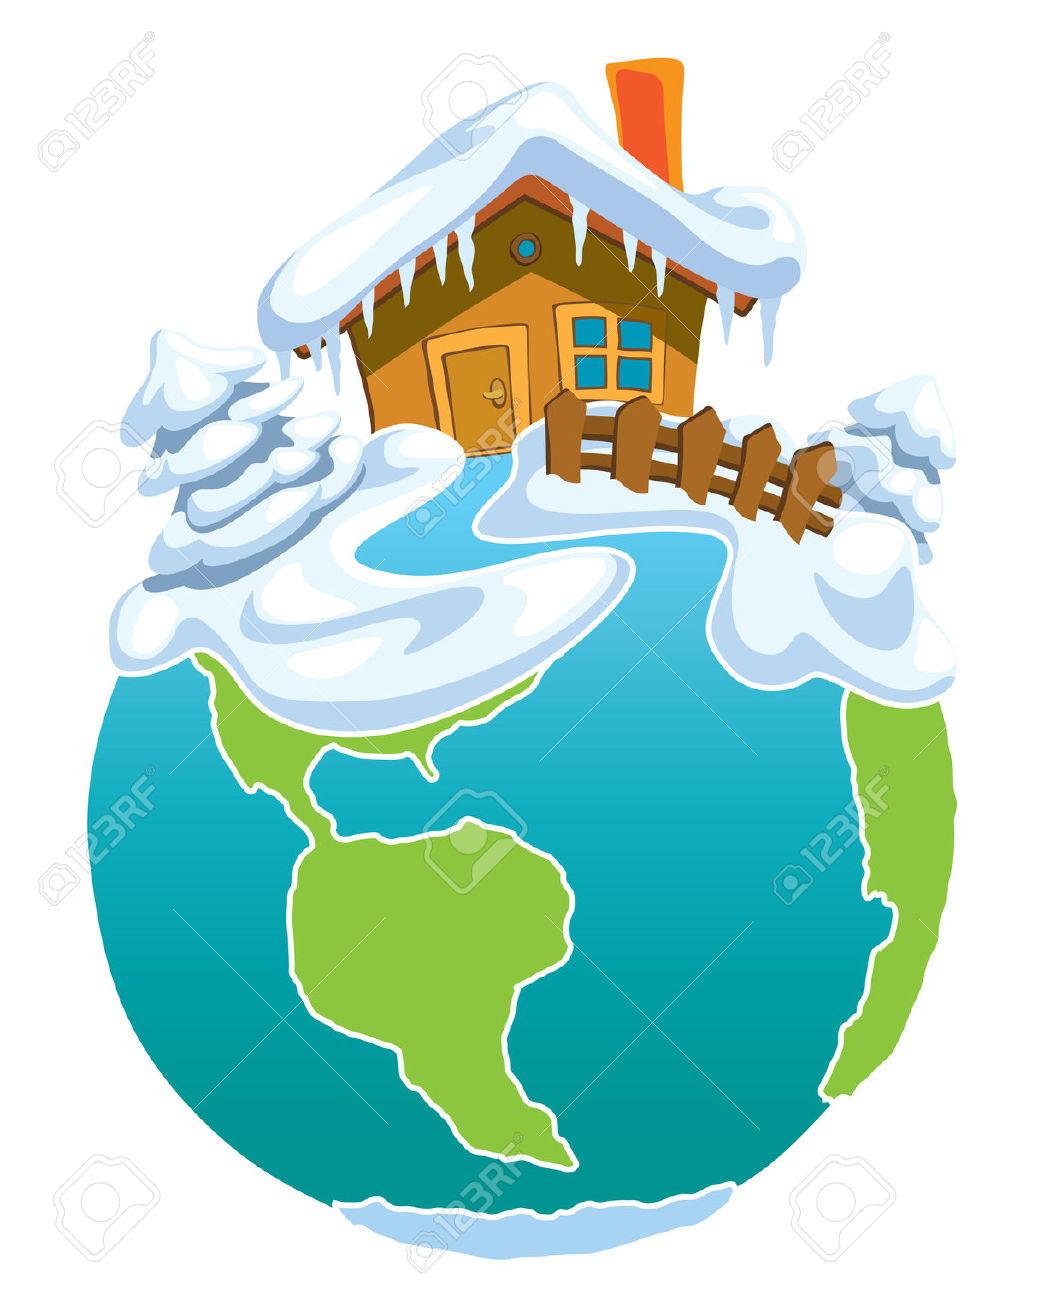 North pole globe clipart.